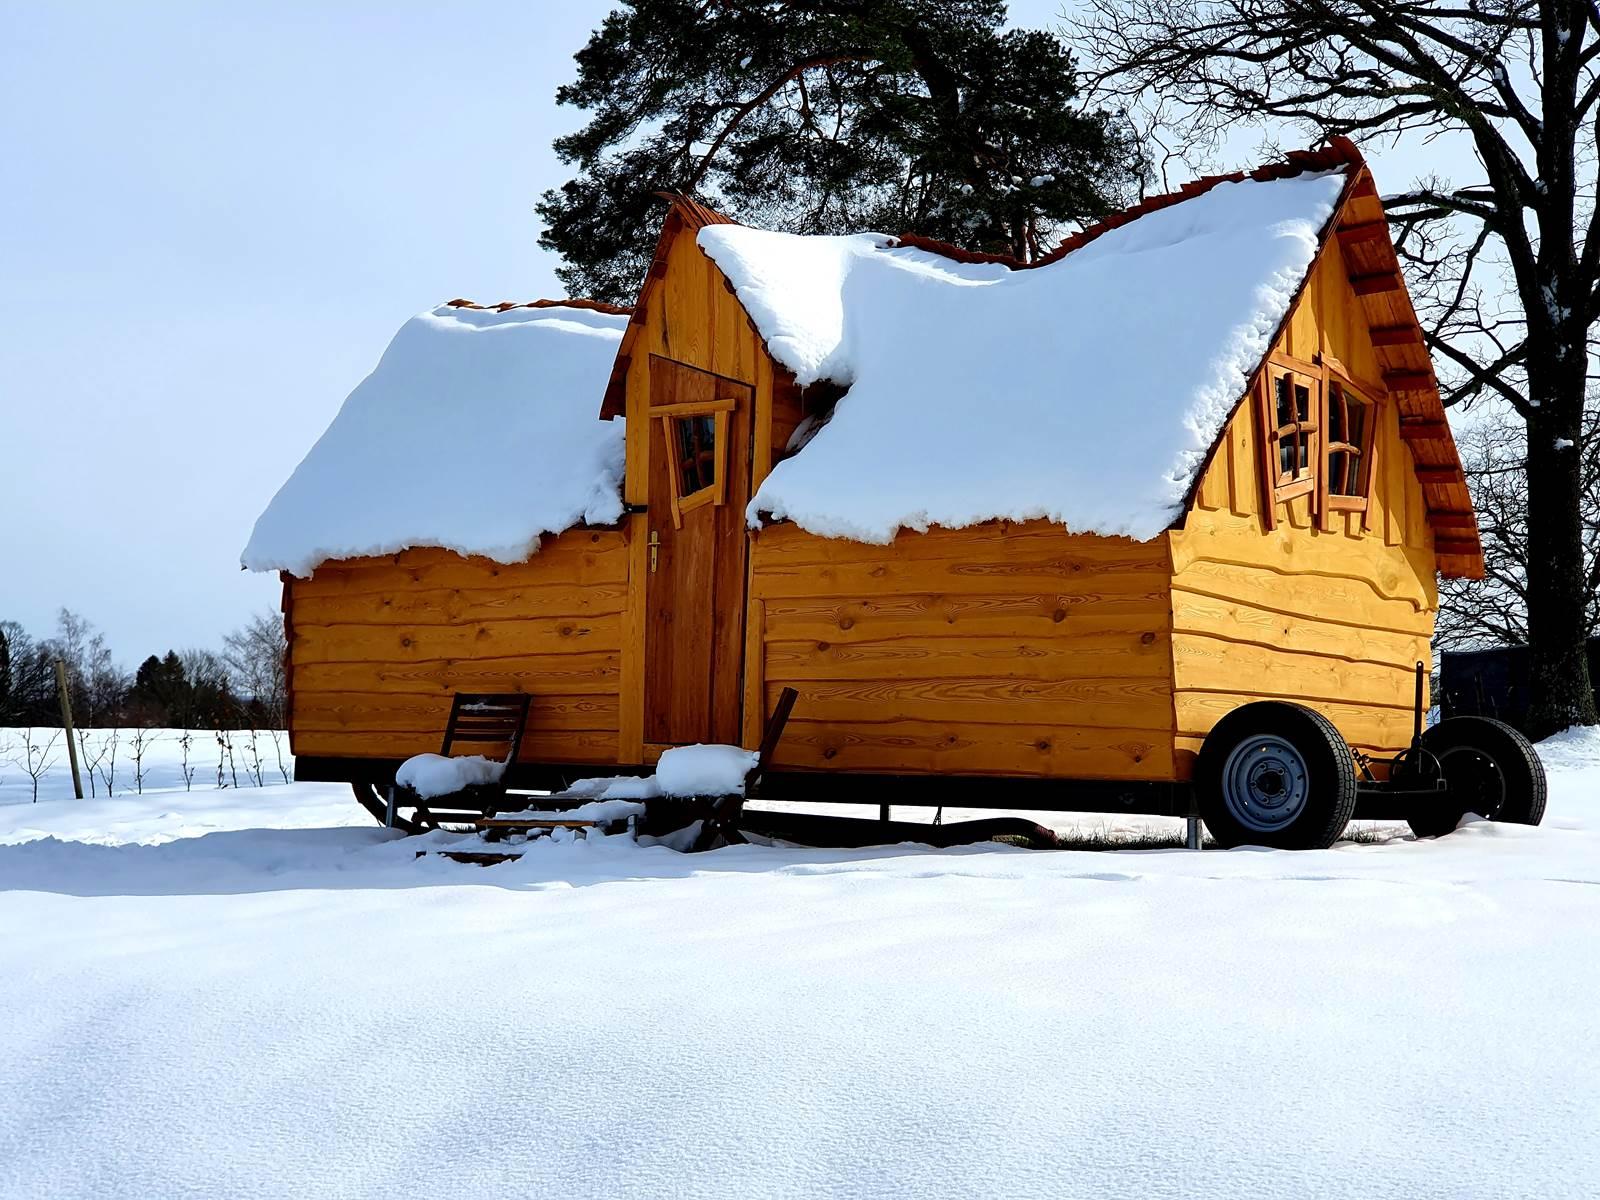 Tiny House au Refuges du Chalet, Glamping du Chalet Suisse à Balmoral Spa Jalhay